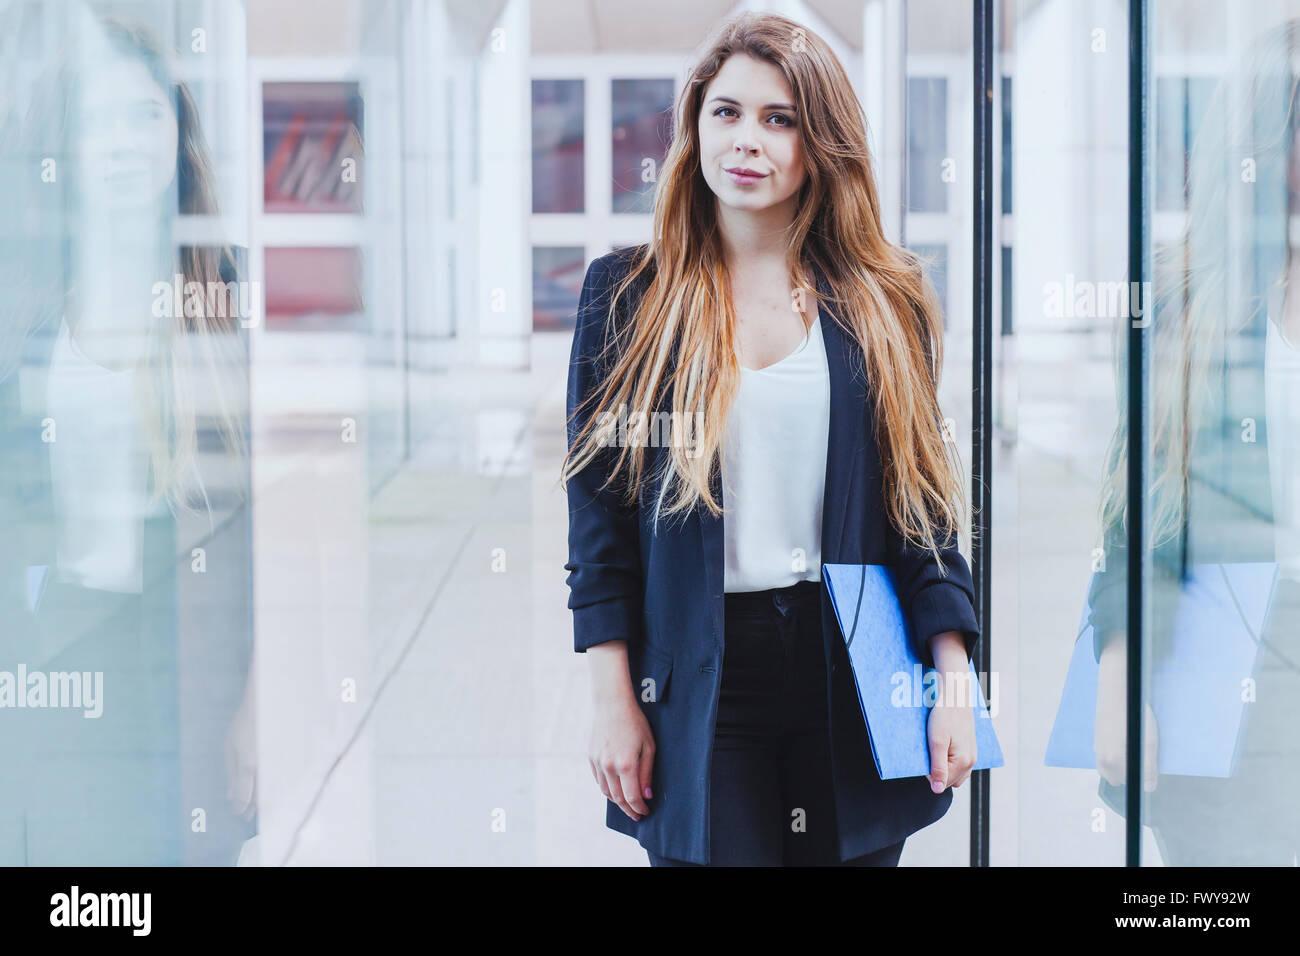 Portrait de femme d'affaires à la recherche de l'appareil photo Photo Stock